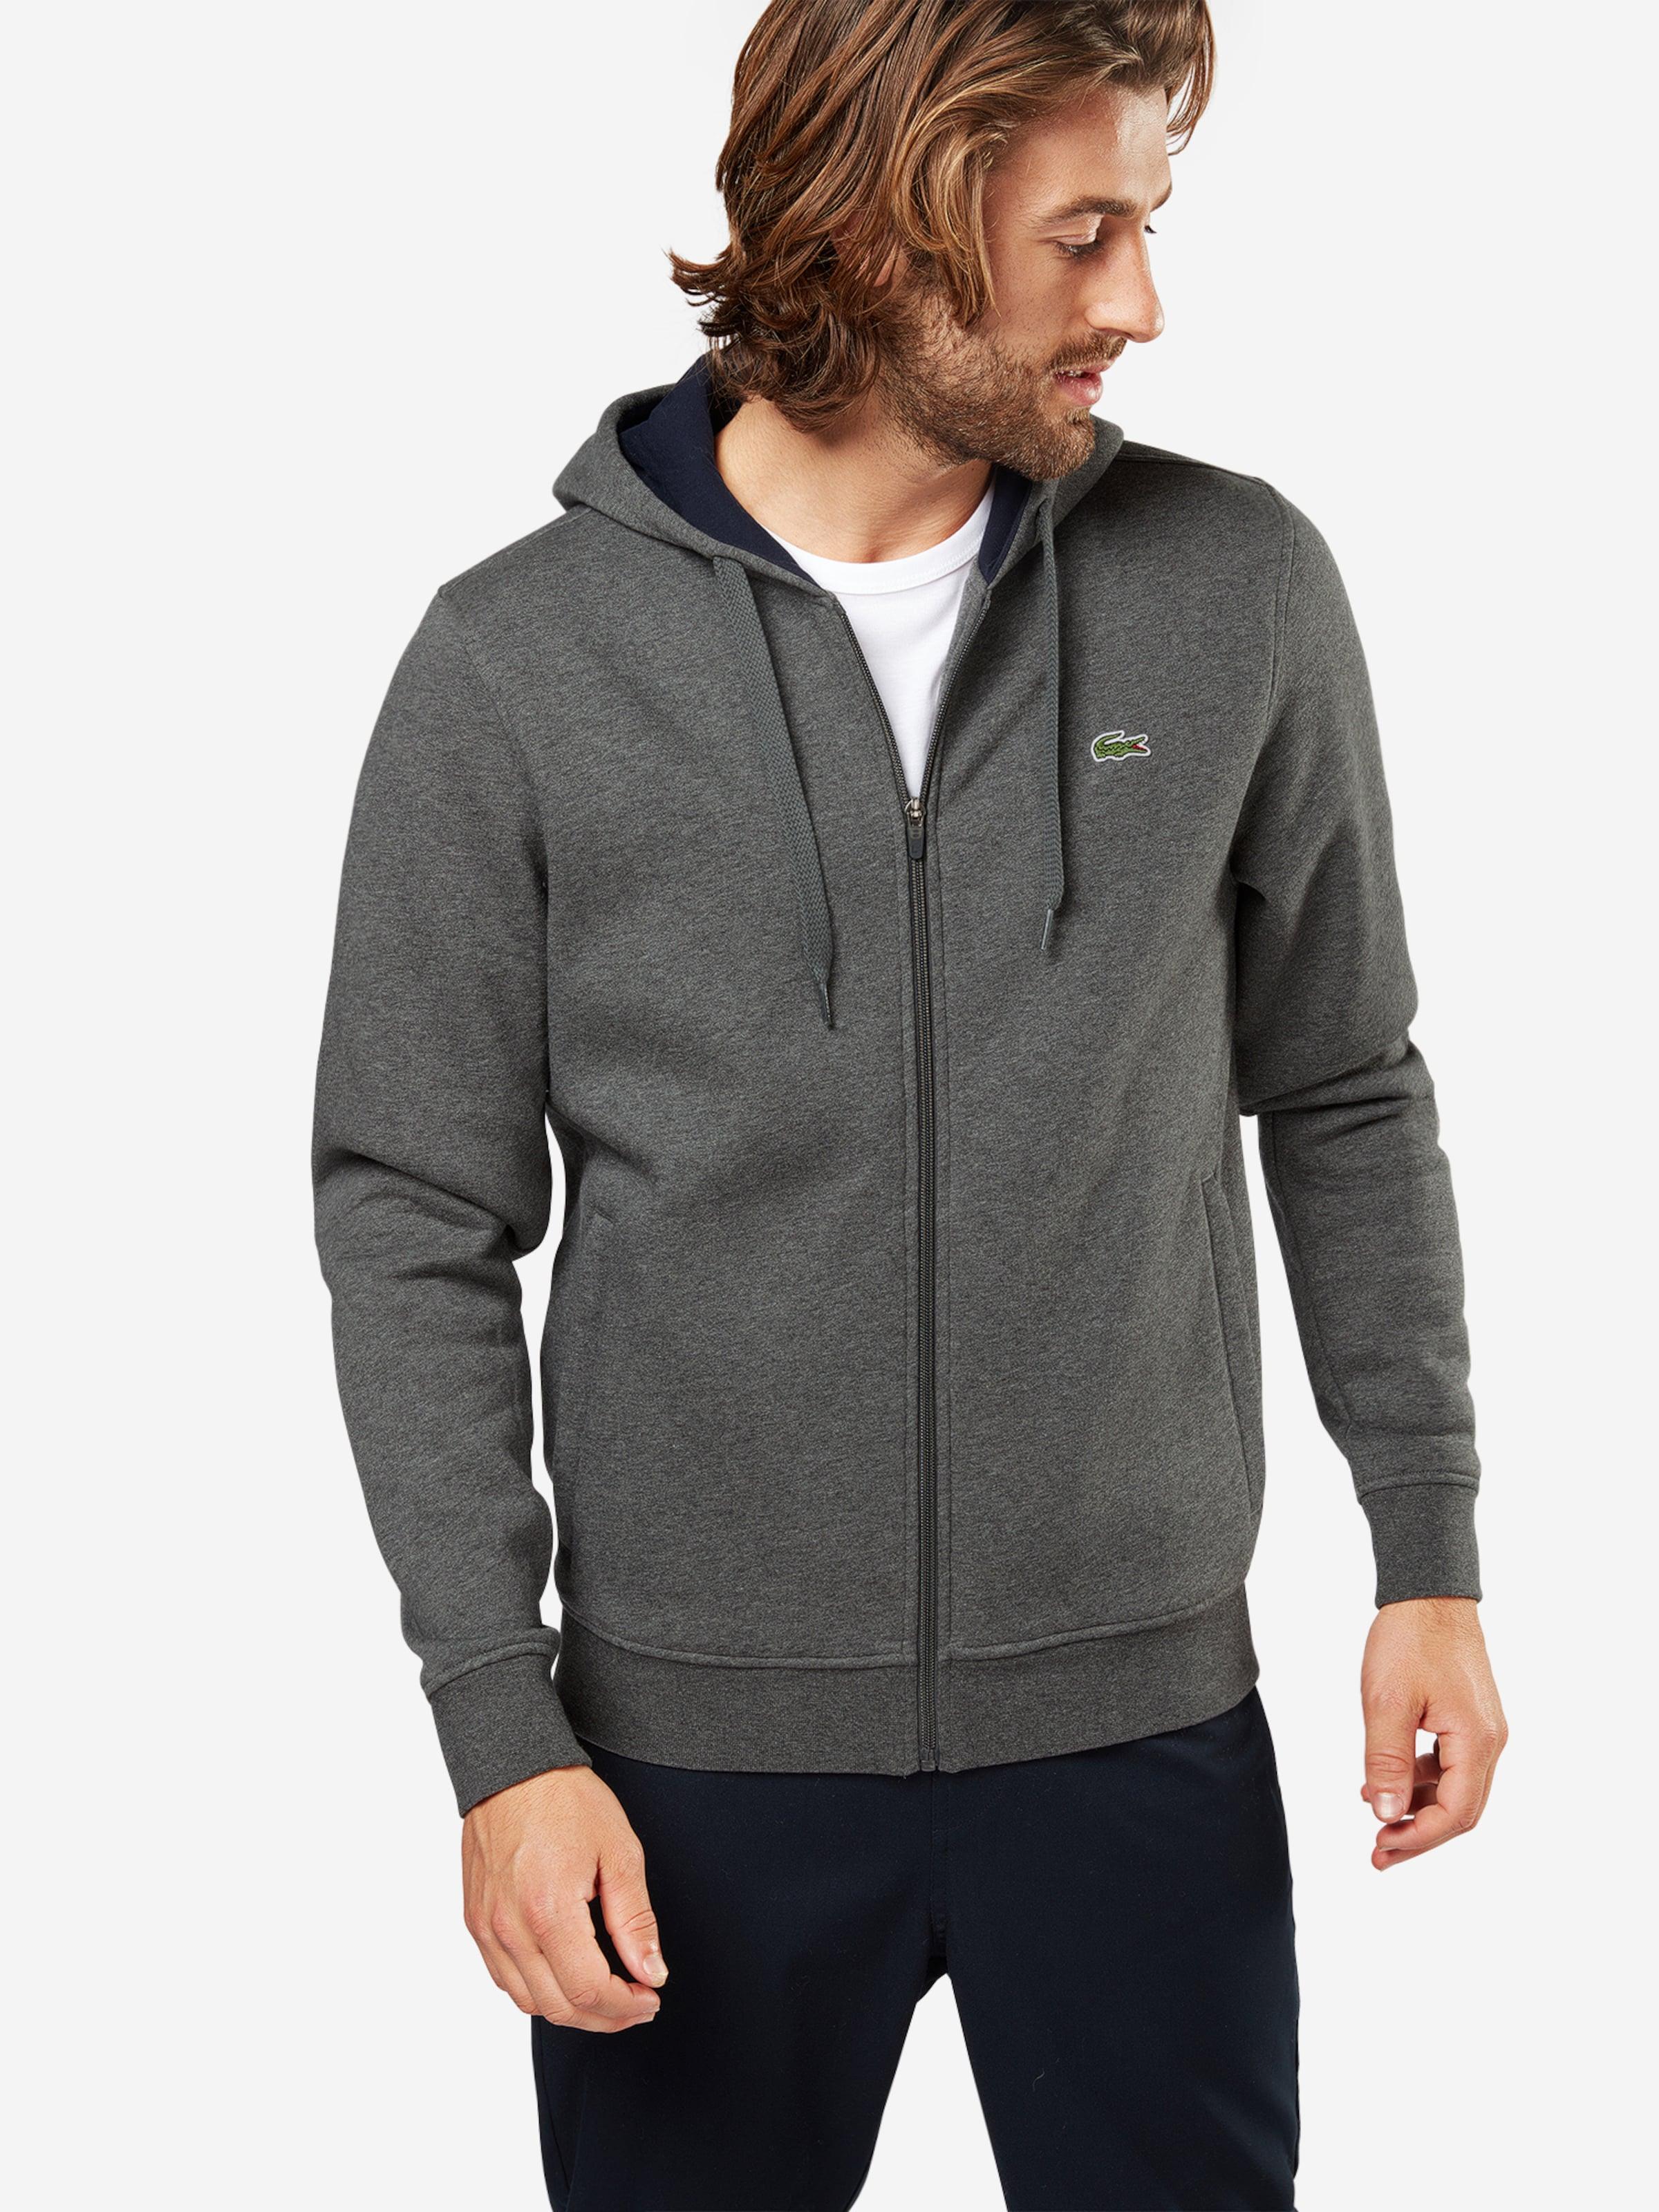 Fälschung Günstig Online LACOSTE Sweatshirt Günstige Manchester-Großer Verkauf FLMrCJ